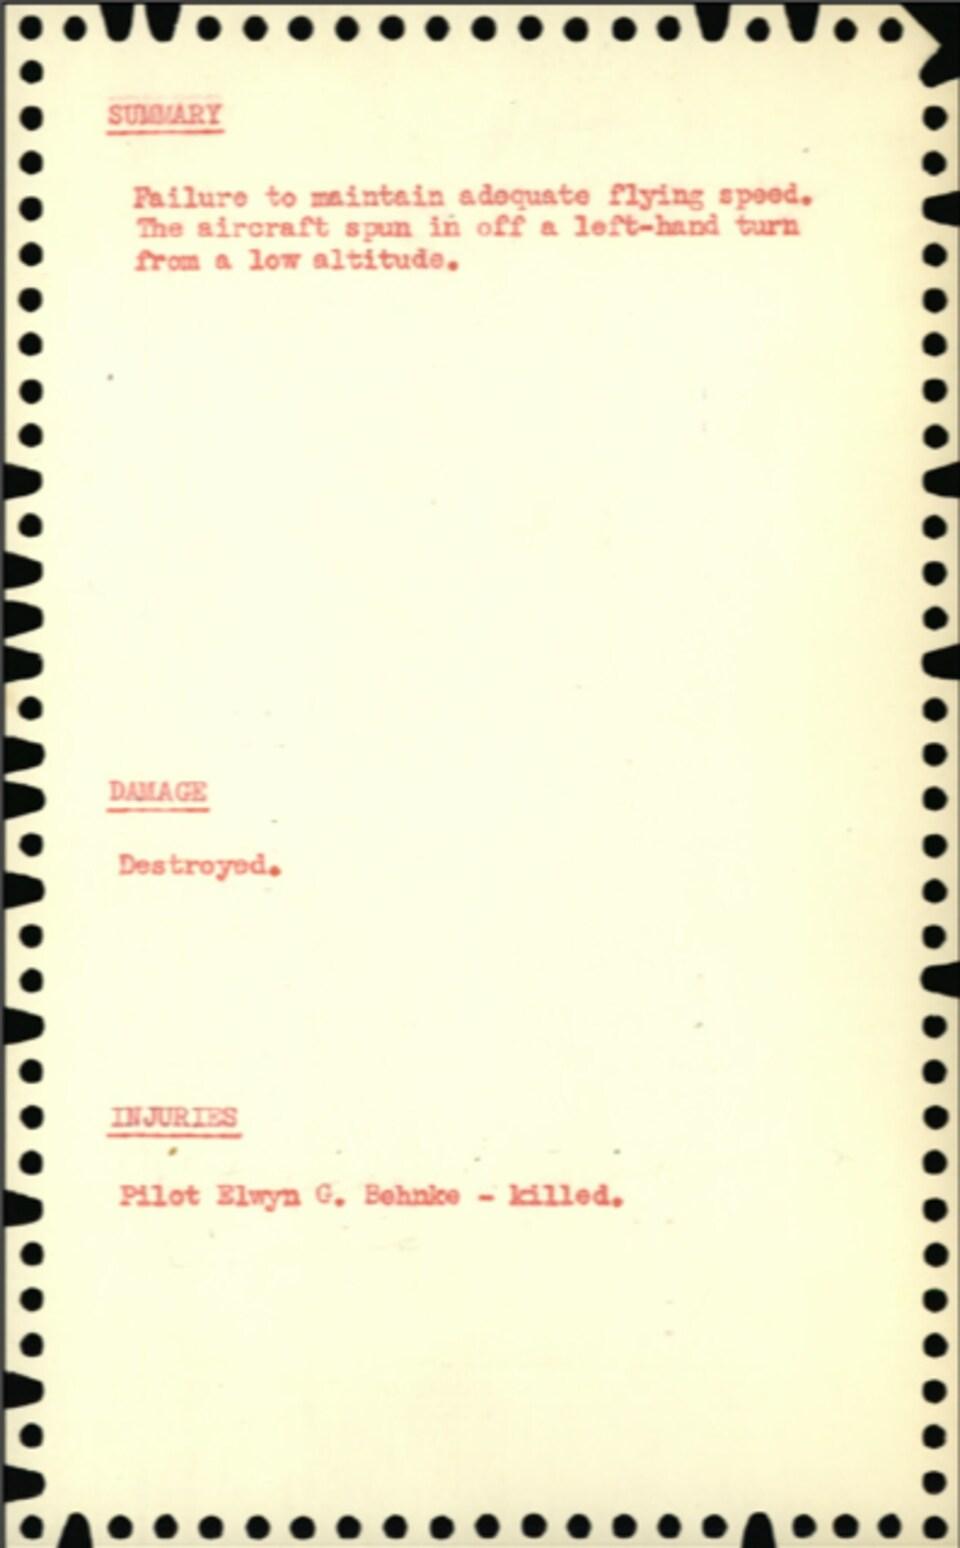 Une photocopie du rapport d'accident de M. Behnke.